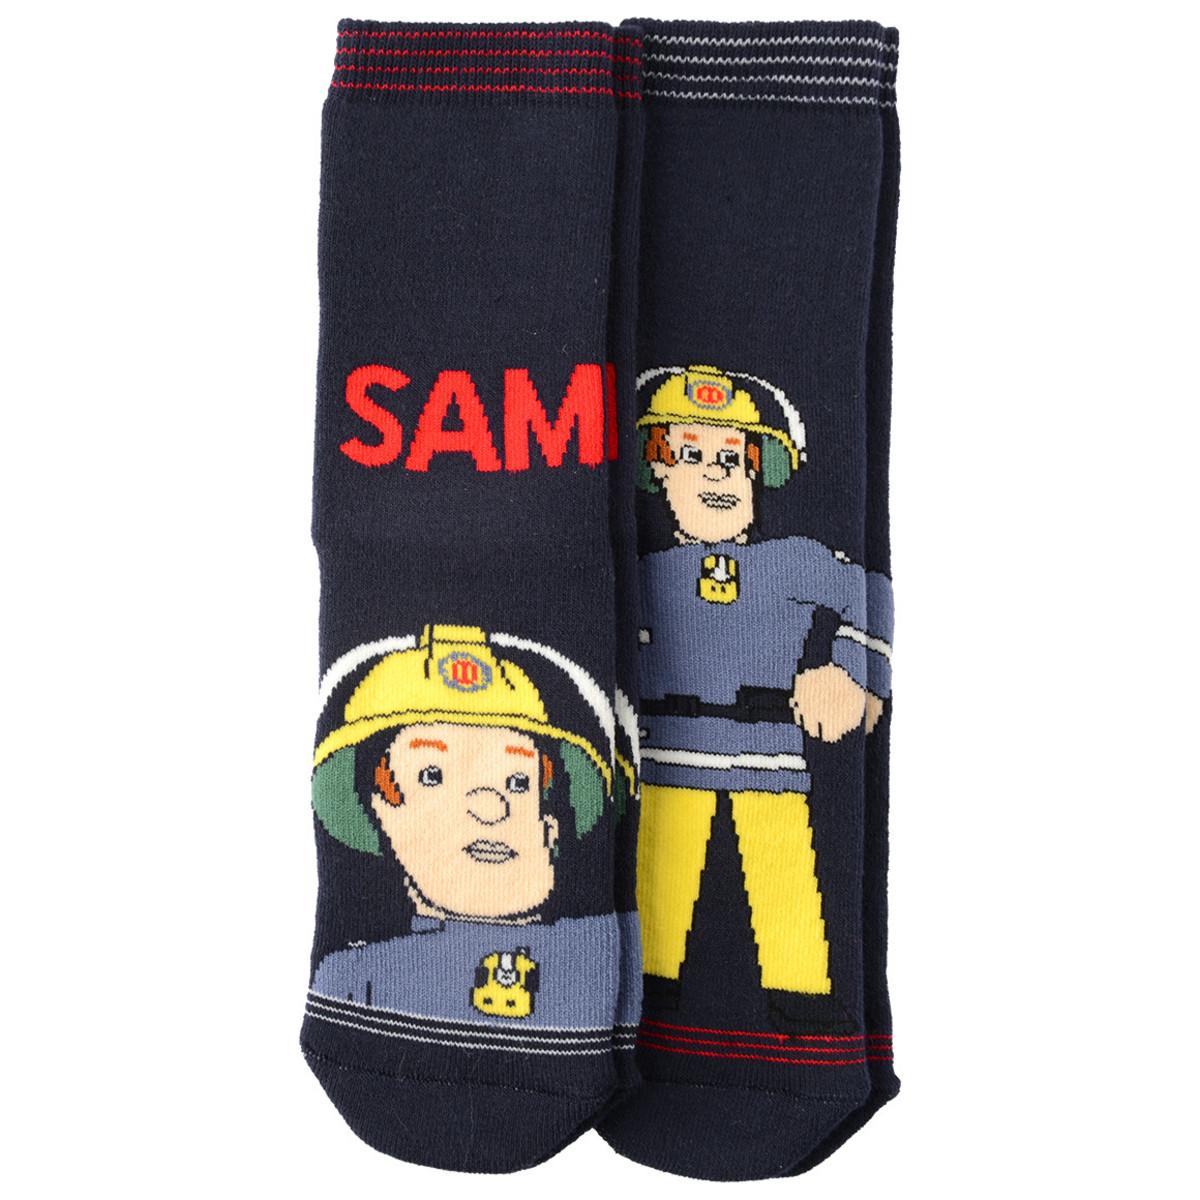 Bild 1 von 2 Paar Feuerwehrmann Sam Stoppersocken